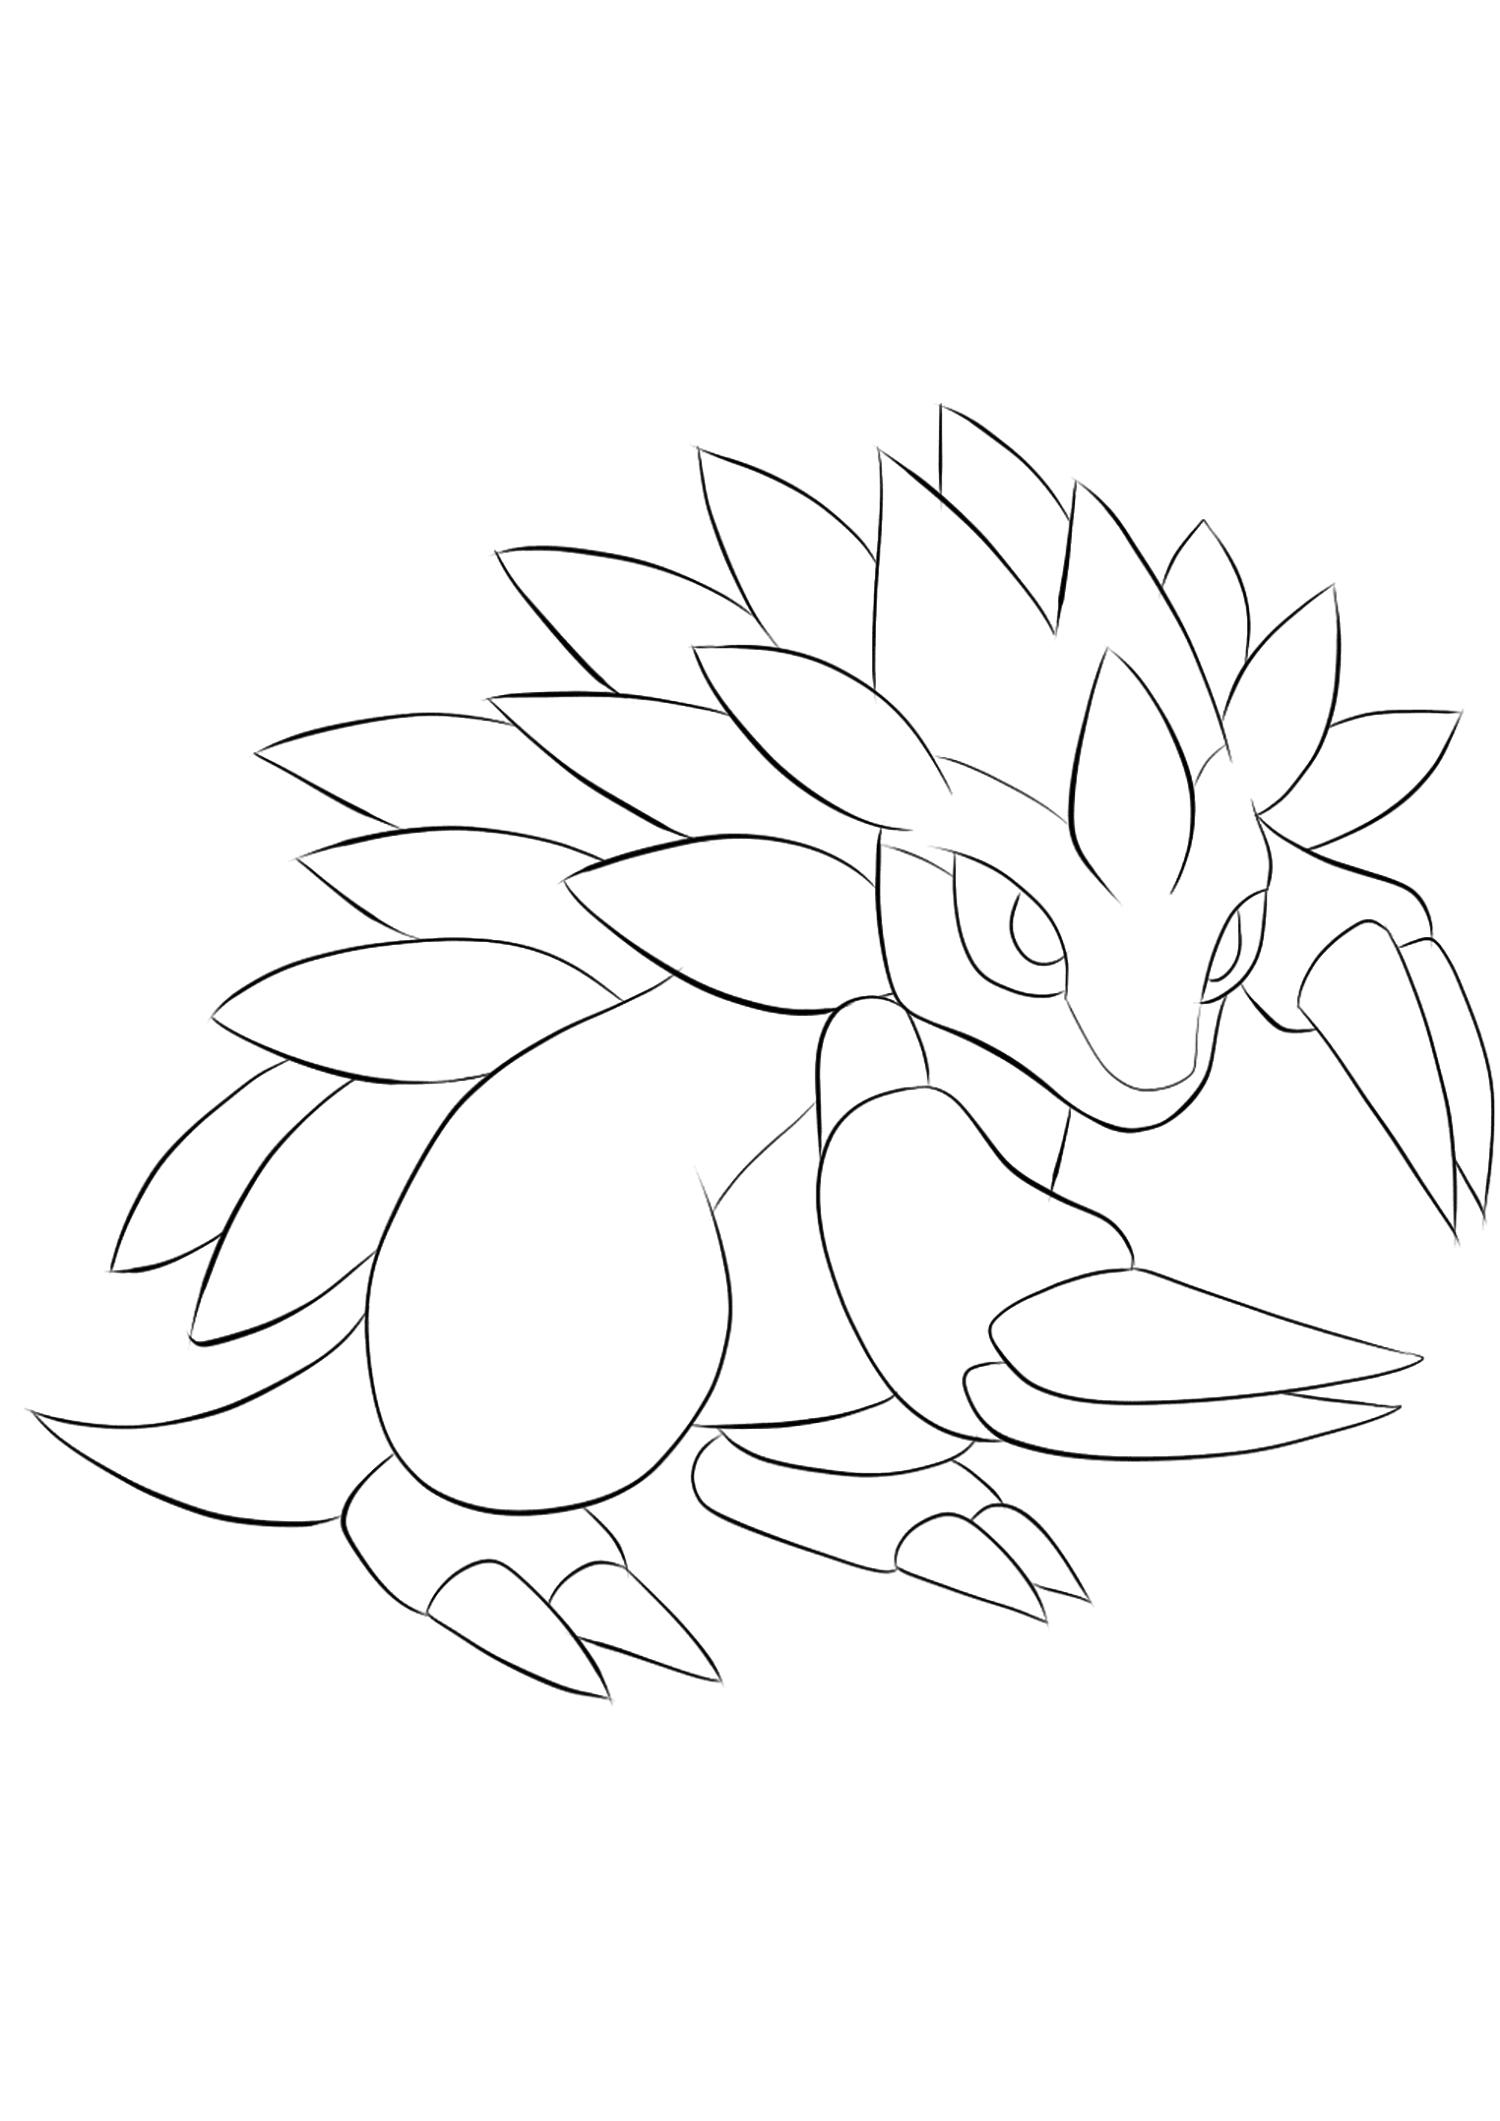 <b>Sablaireau</b> (No.28) : Pokémon de génération I